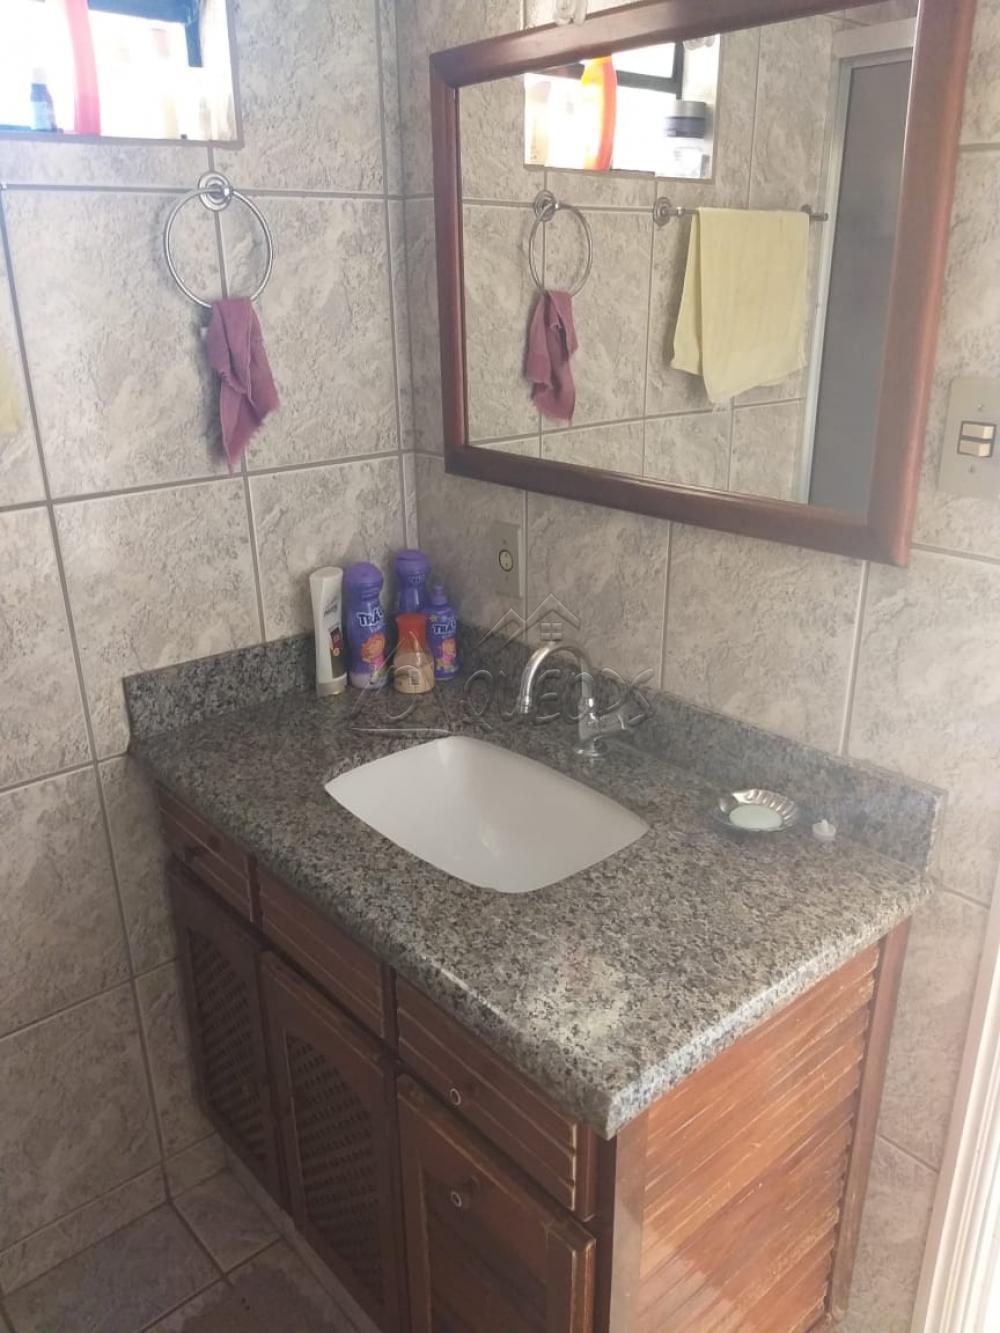 Comprar Casa / Padrão em Barretos apenas R$ 330.000,00 - Foto 10